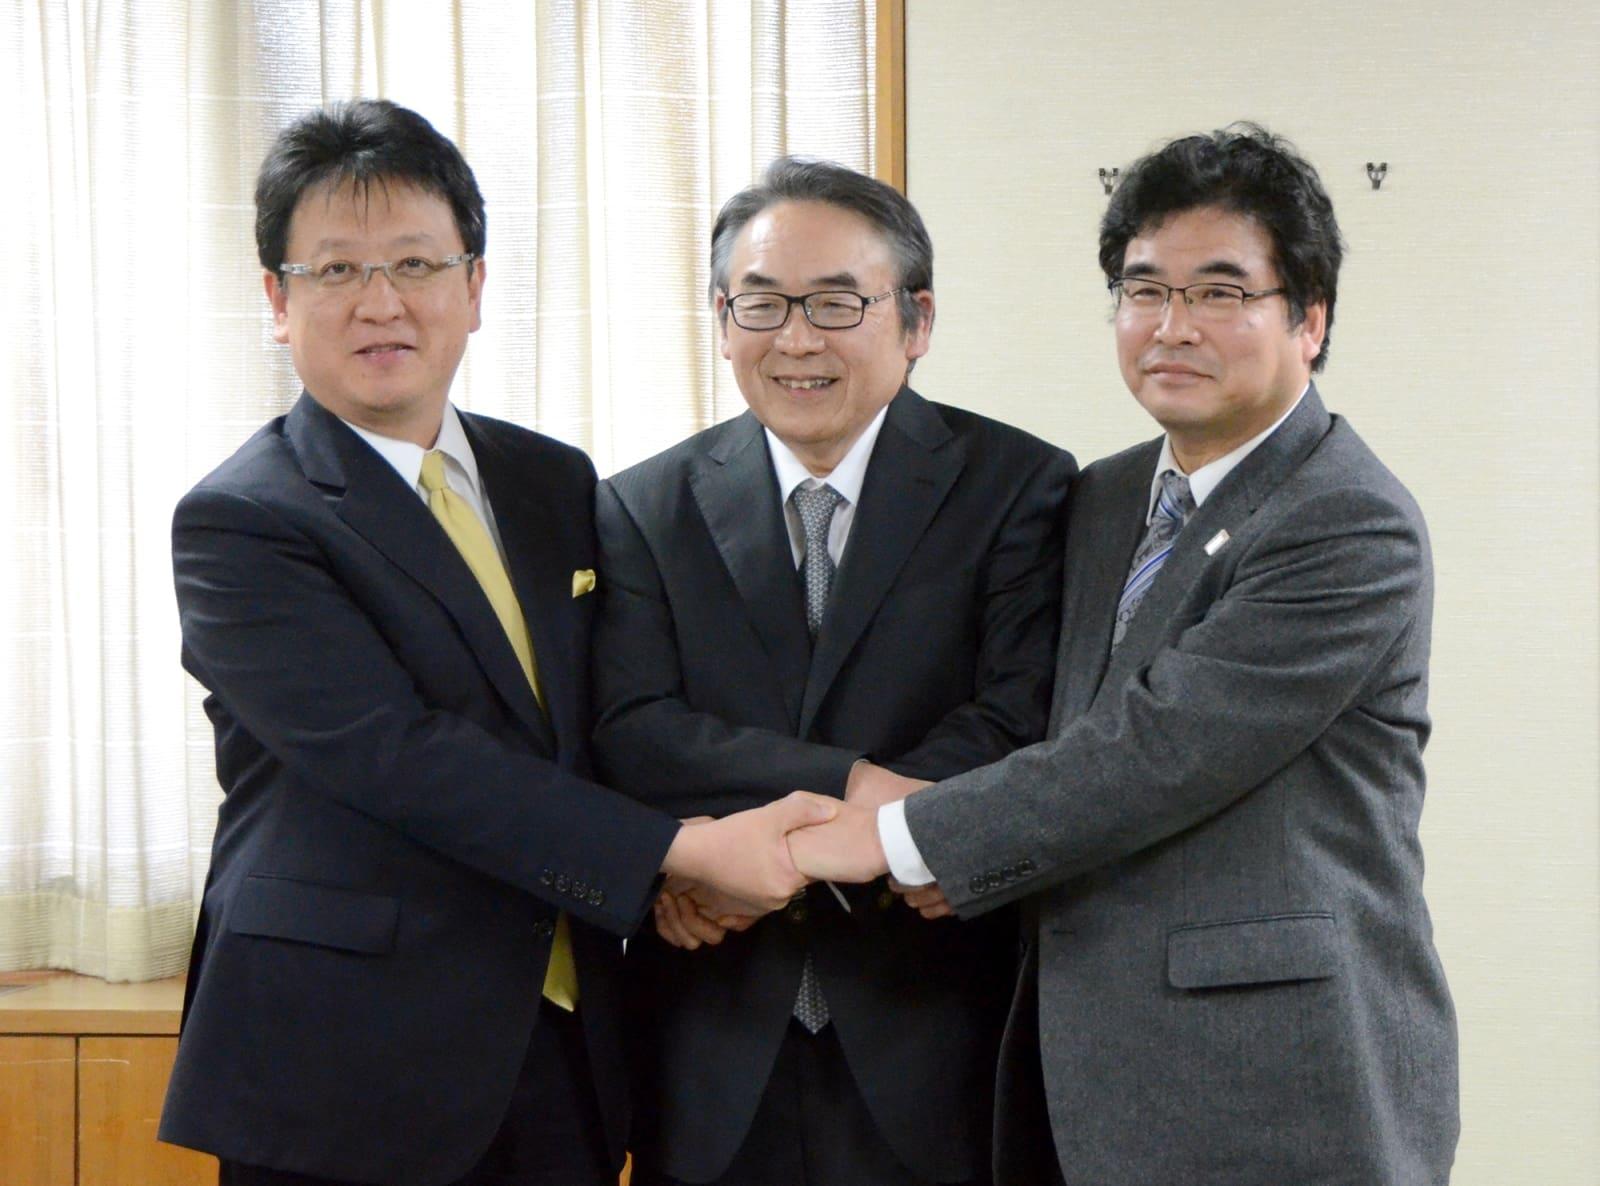 熊本市と立地協定を結んだヤマエ久野の網田日出人社長(中央)。左は大西一史市長、右は奥薗惣幸・県商工観光労働部長=8日、同市役所